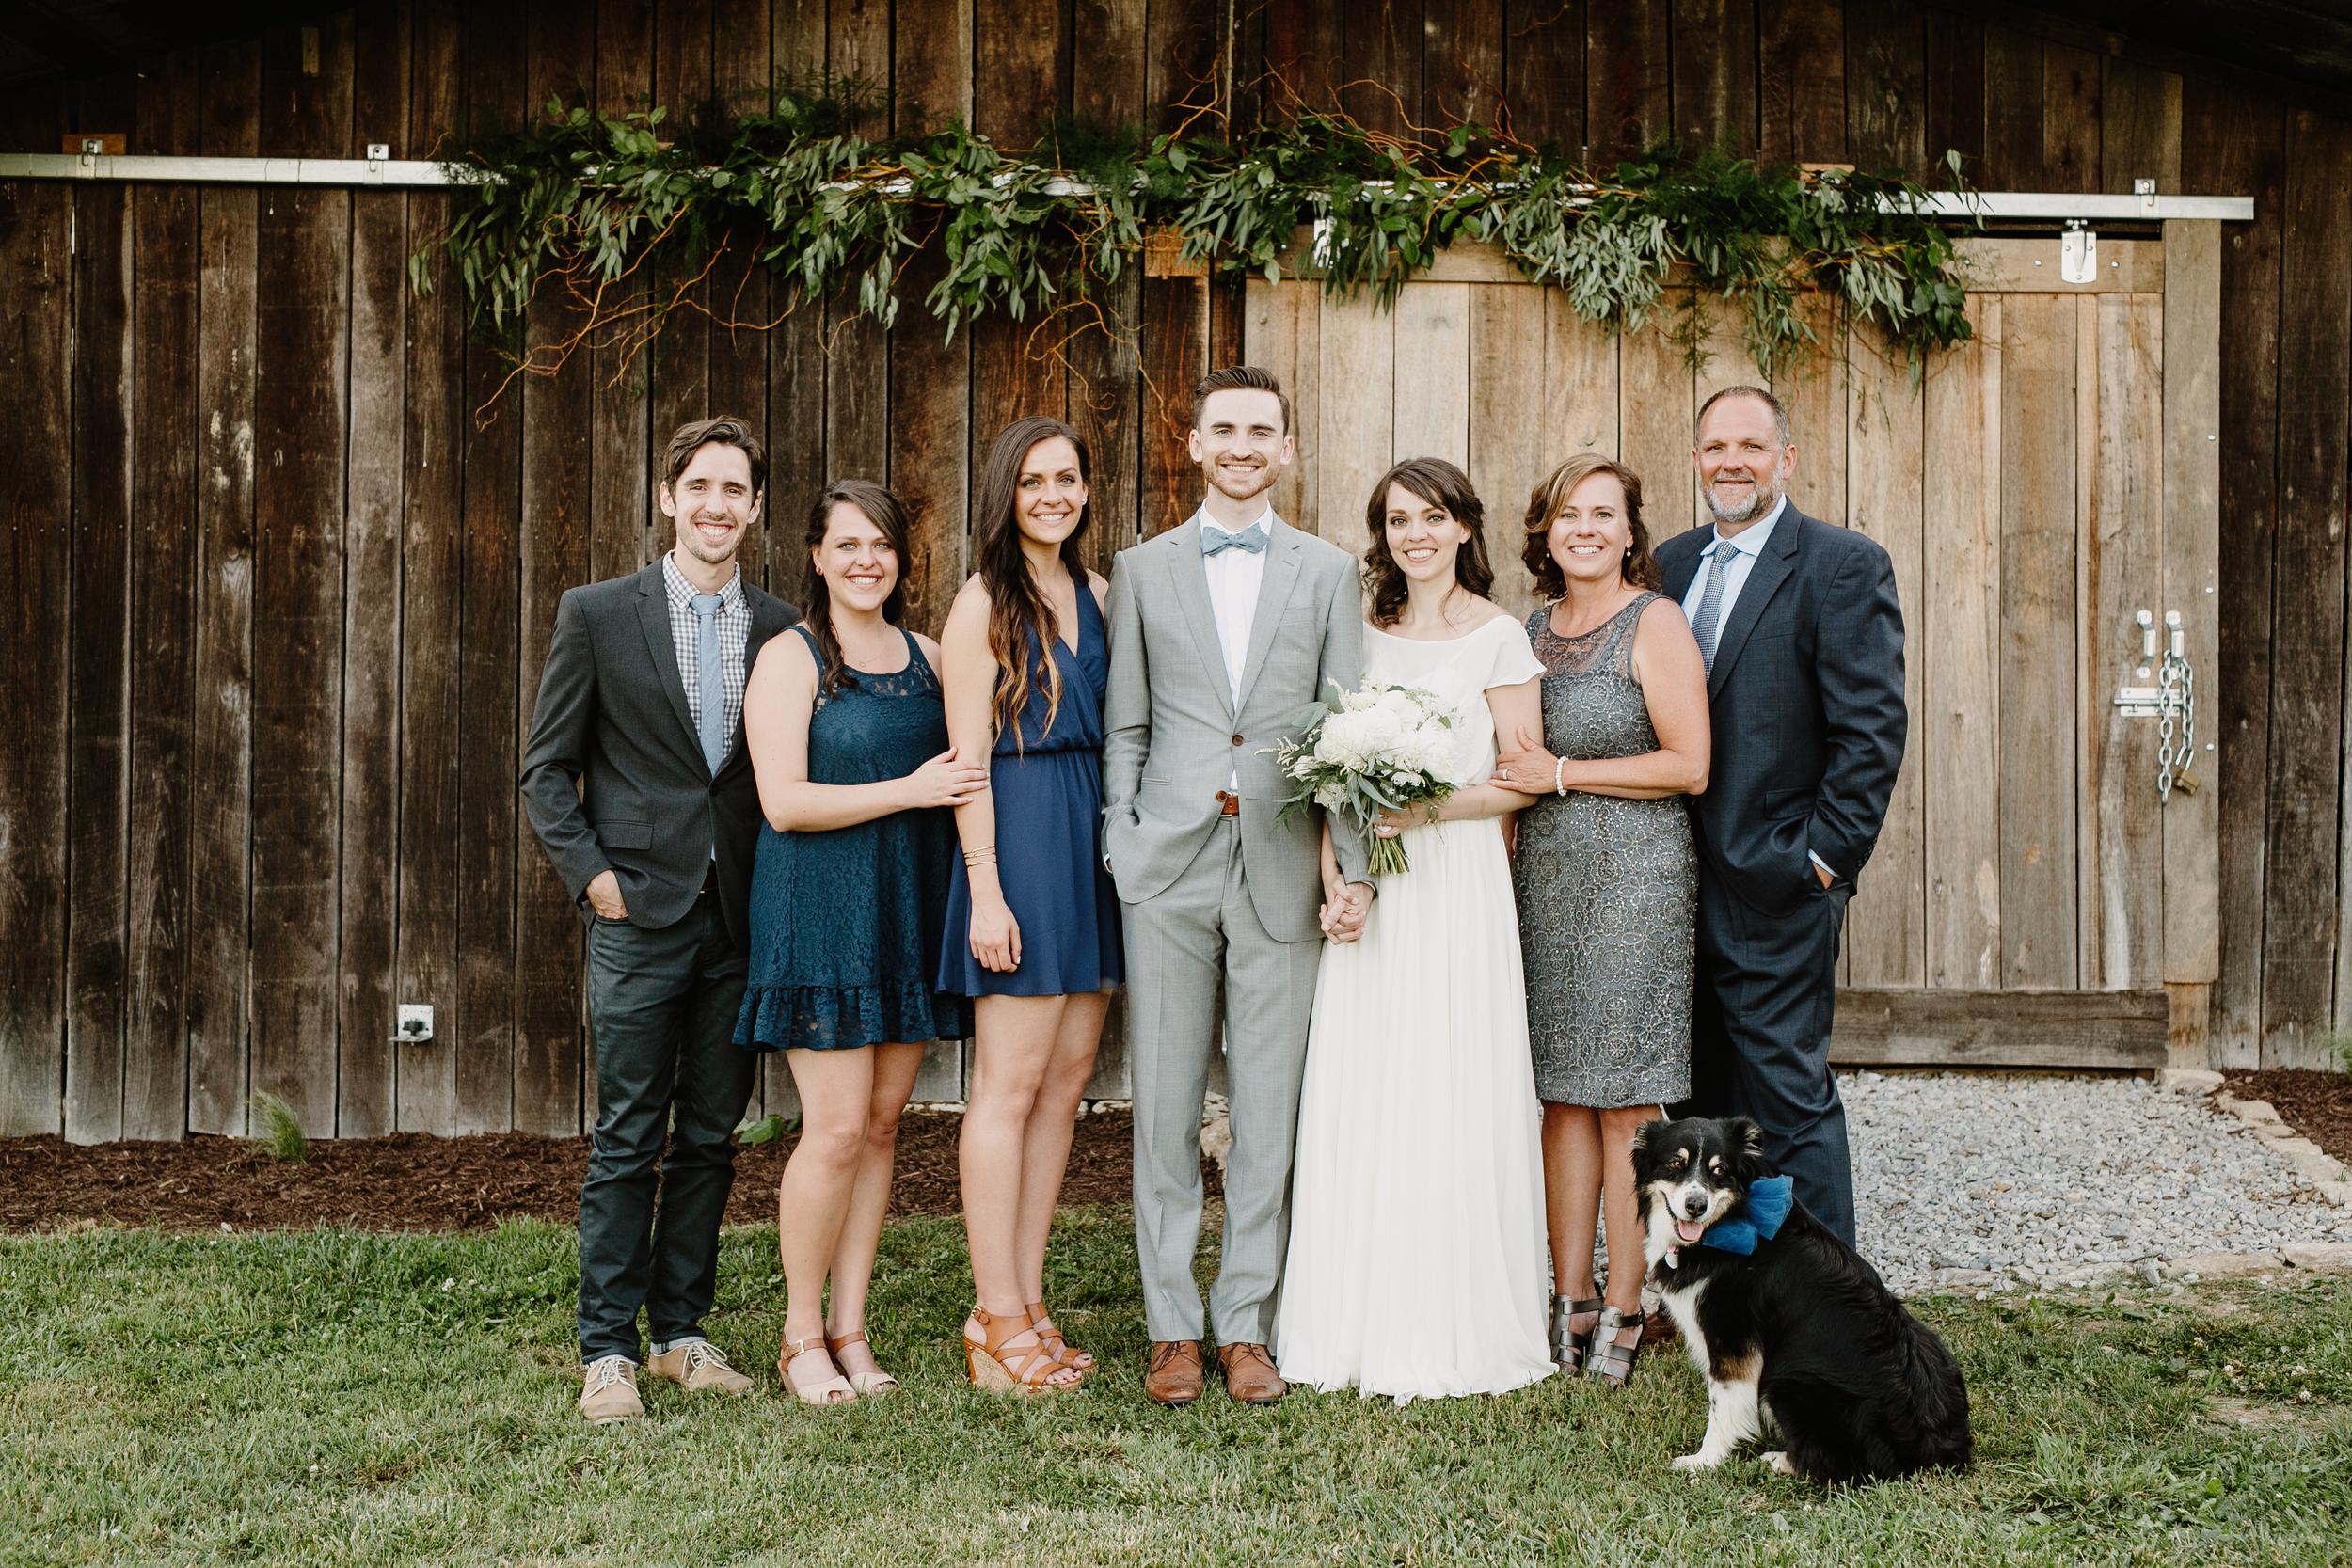 stewart_wedding_0755.JPG